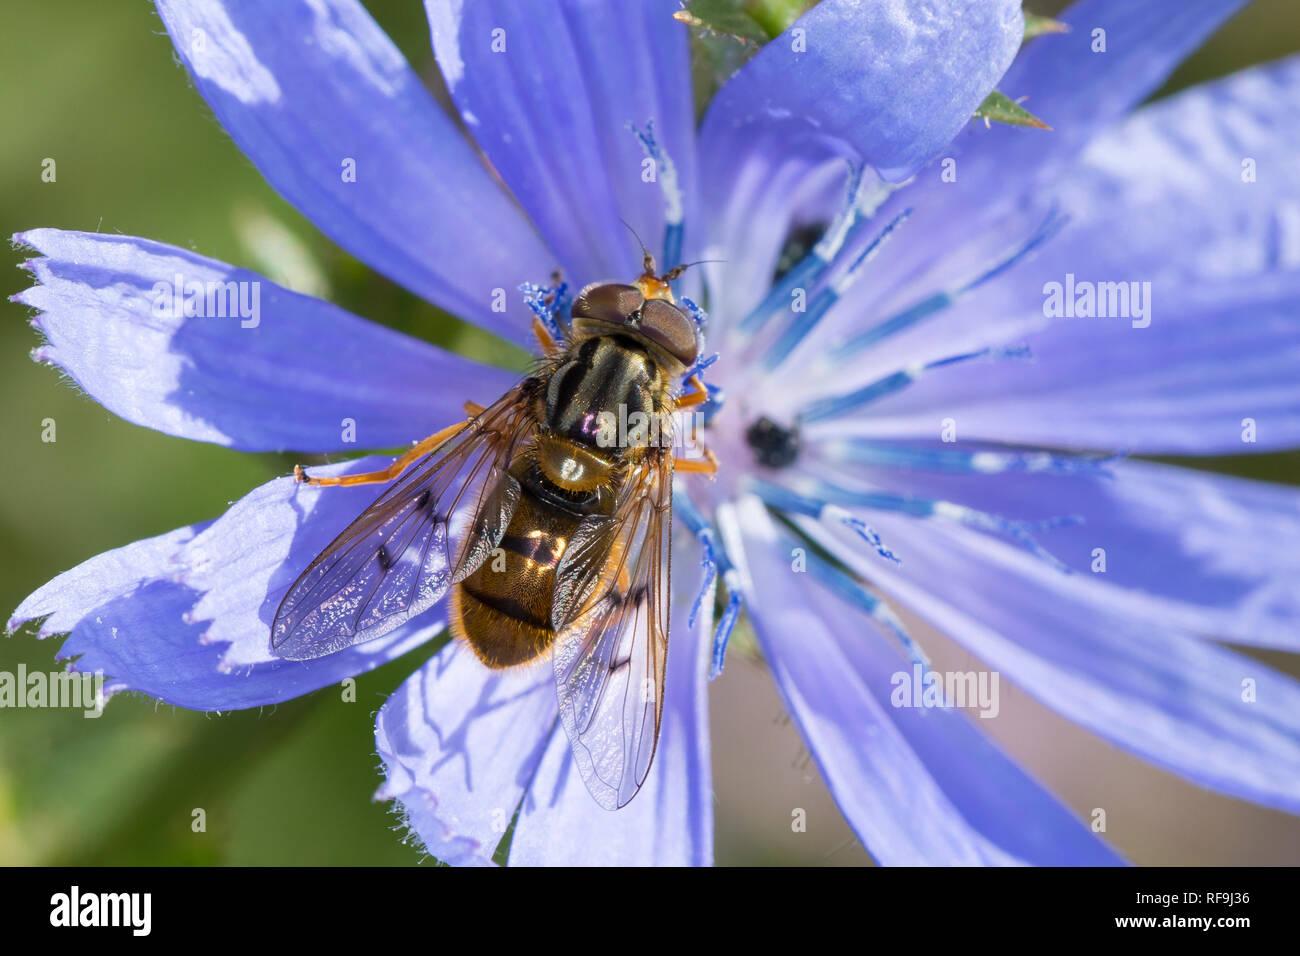 Gemeine Goldschwebfliege, Goldschwebfliege, Gold-Schwebfliege, Männchen, Blütenbesuch an Wegwarte, Ferdinandea cuprea, Sap-run Hoverfly, male - Stock Image